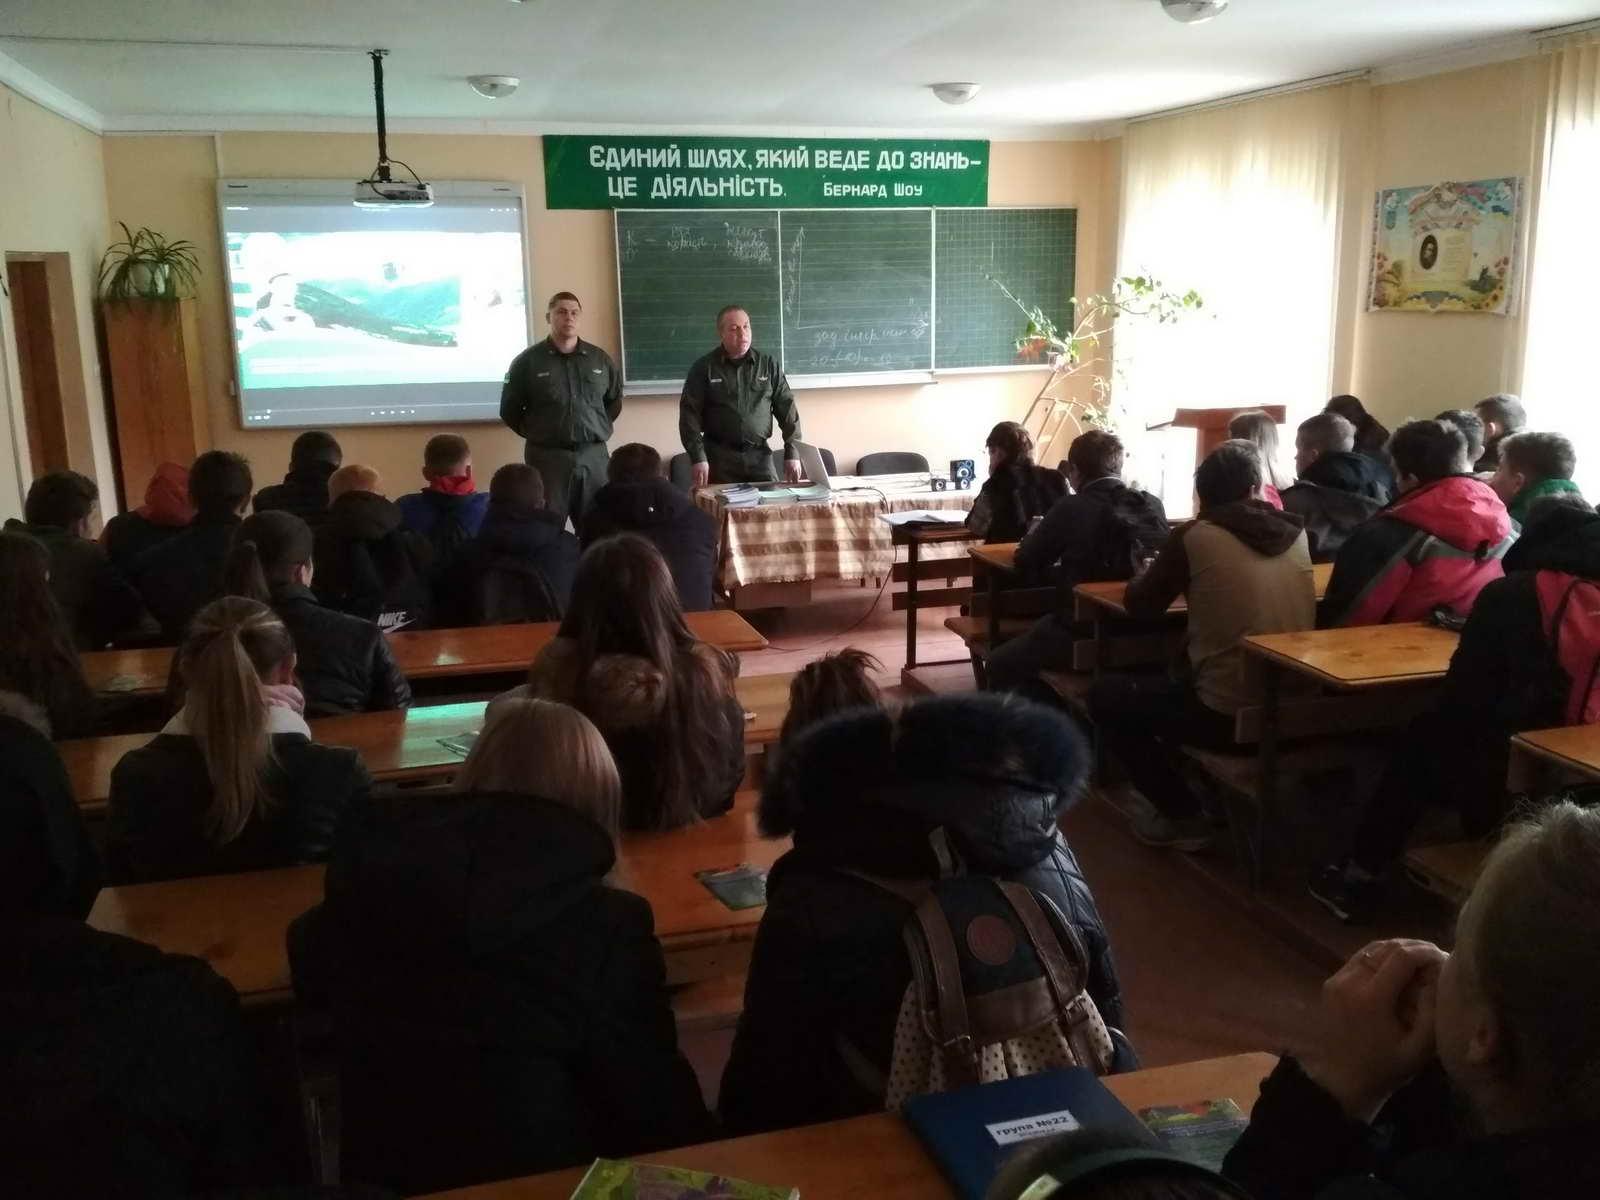 Зустріч учнів з представниками регіонального центру комплектування державної прикордонної служби України